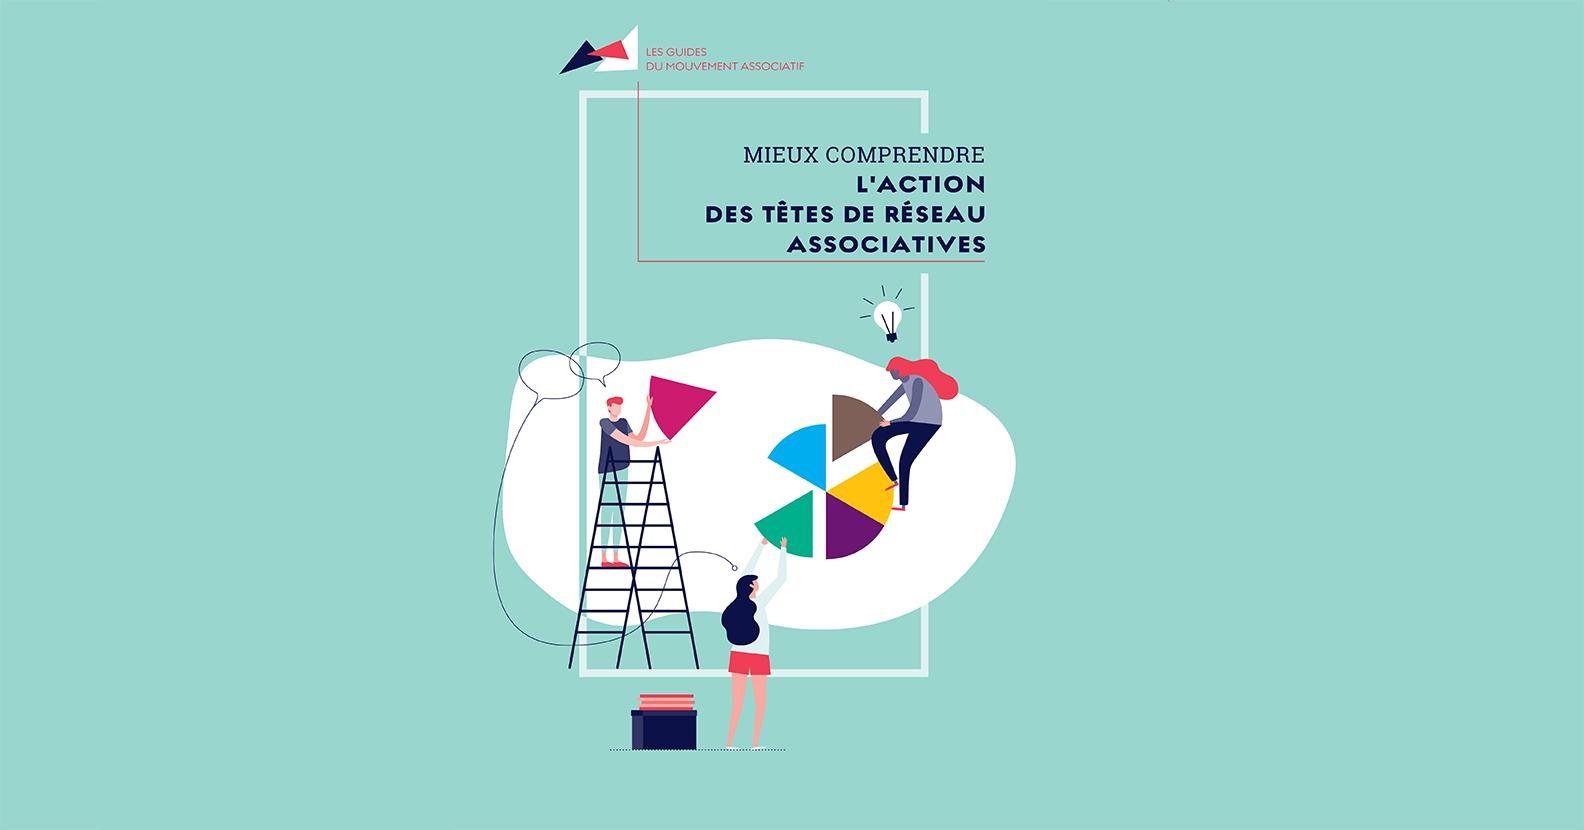 Webinaire : Mieux comprendre l'action des têtes de réseau associatives